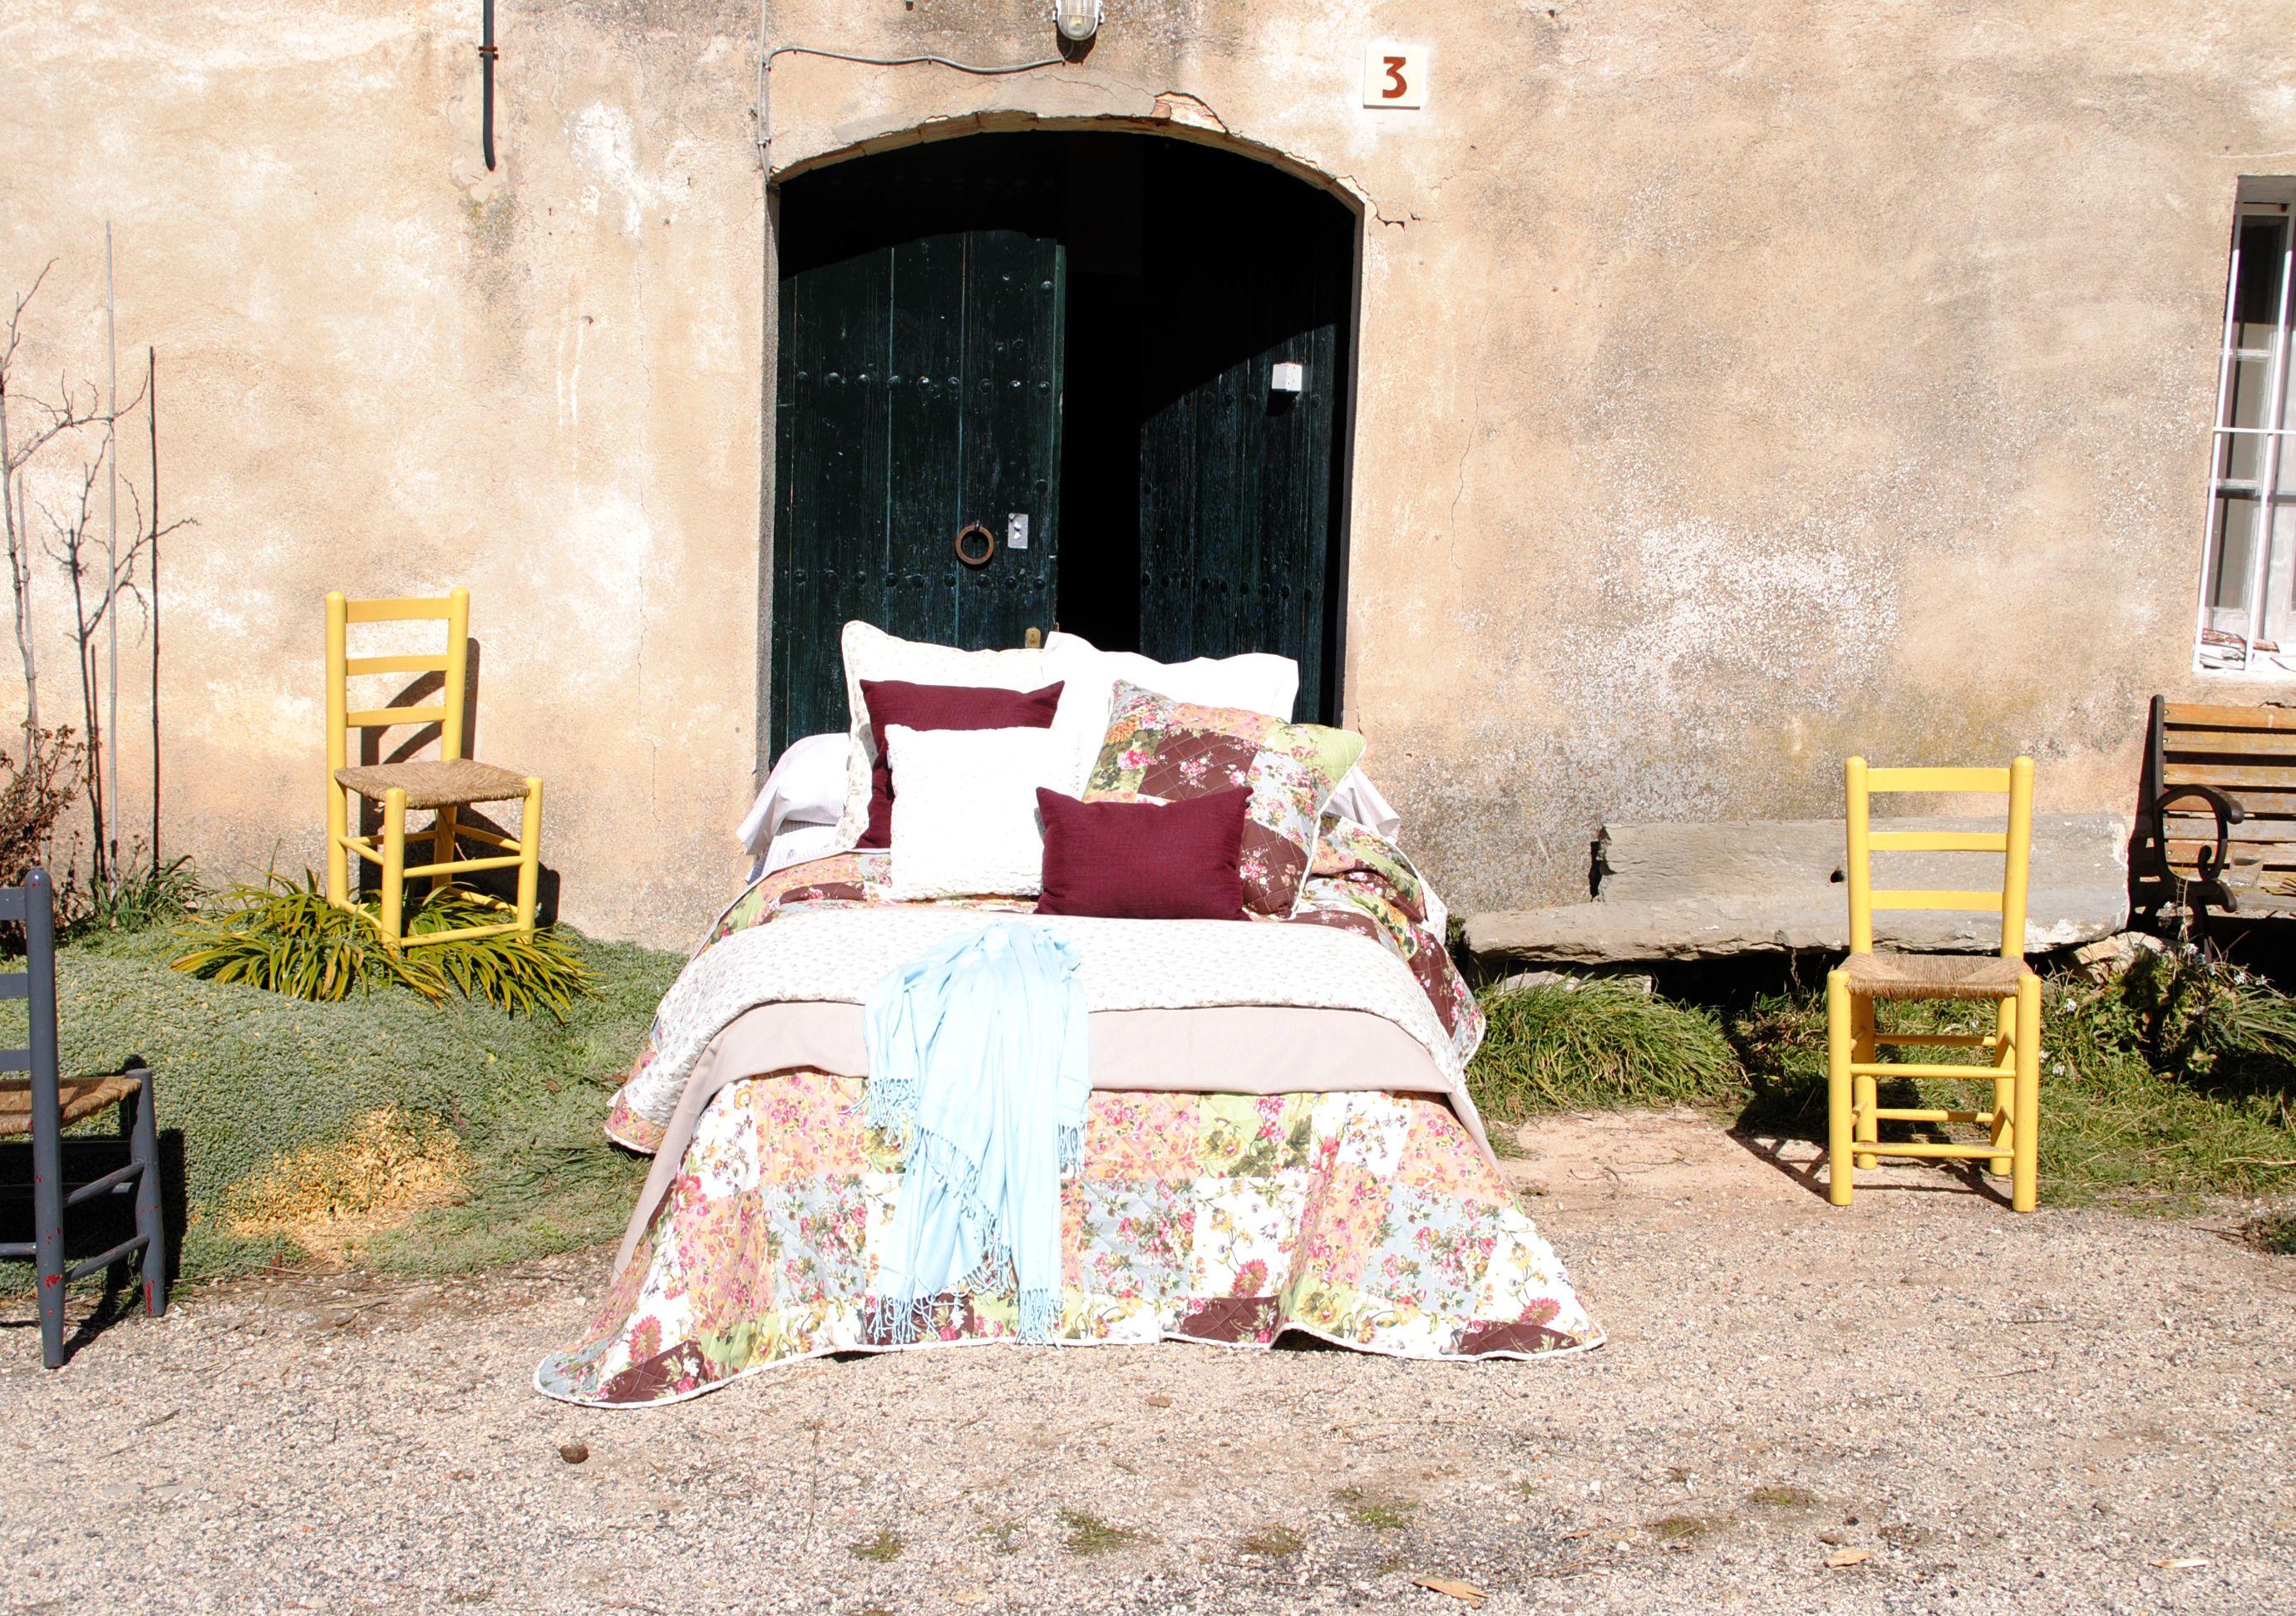 Llega la primavera. Cama en el campo. Colchas de entretiempo, plaids de colores, colores frescos.  Spring arrives. Bed in the field . Halftime bedspreads , plaids color , cool colors .